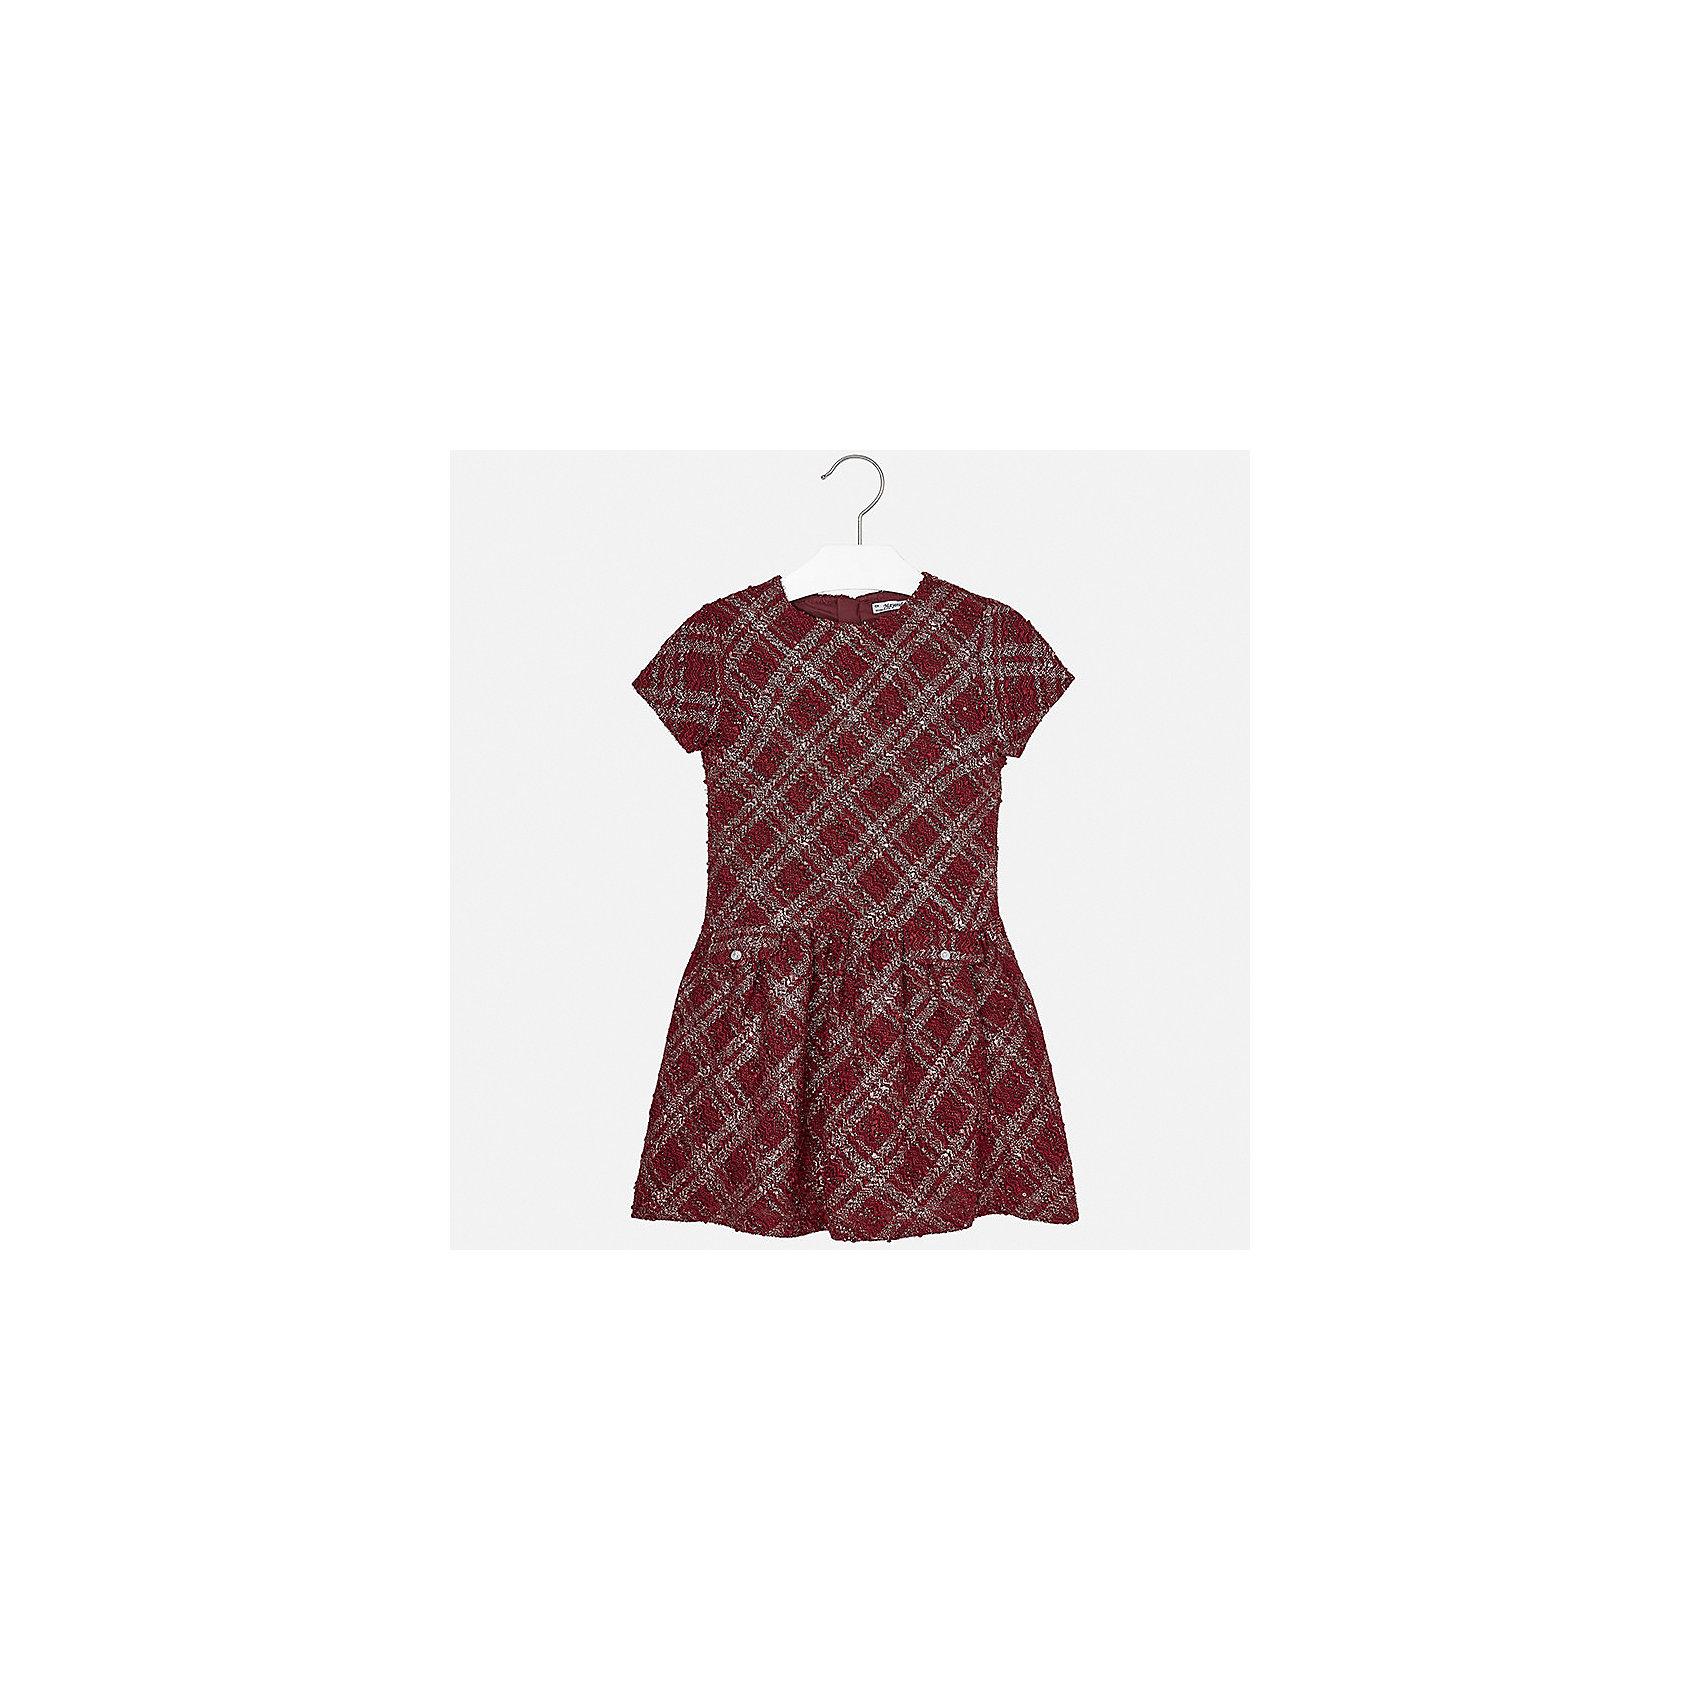 Платье для девочки MayoralПлатья и сарафаны<br>Характеристики товара:<br><br>• цвет: красный<br>• состав ткани: 100% полиэстер, подкладка - 65% полиэстер, 35% хлопок<br>• сезон: демисезон<br>• особенности: пайетки<br>• застежка: молния<br>• короткие рукава<br>• страна бренда: Испания<br>• страна изготовитель: Индия<br><br>Платье для девочки от Майорал подарит ребенку аккуратный внешний вид. В симпатичном платье для девочки от Майорал ребенок будет выглядеть модно, а чувствовать себя - удобно. Детское платье отличается модным и продуманным дизайном. <br><br>Платье для девочки Mayoral (Майорал) можно купить в нашем интернет-магазине.<br><br>Ширина мм: 236<br>Глубина мм: 16<br>Высота мм: 184<br>Вес г: 177<br>Цвет: красный<br>Возраст от месяцев: 156<br>Возраст до месяцев: 168<br>Пол: Женский<br>Возраст: Детский<br>Размер: 164,170,128/134,140,152,158<br>SKU: 6925218